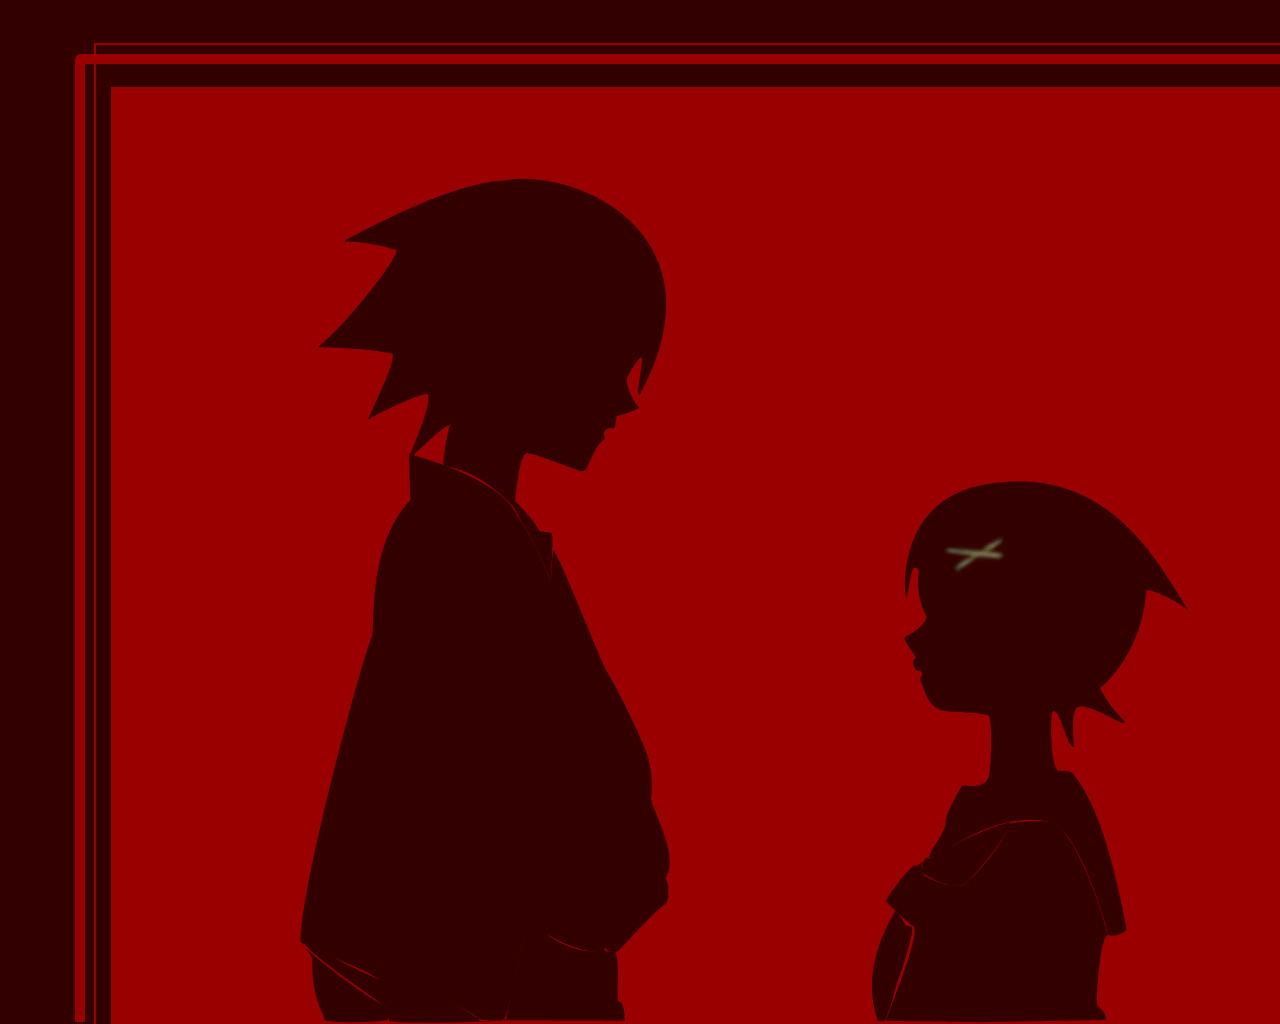 fuura_kafuka itoshiki_nozomu jpeg_artifacts male red sayonara_zetsubou_sensei silhouette